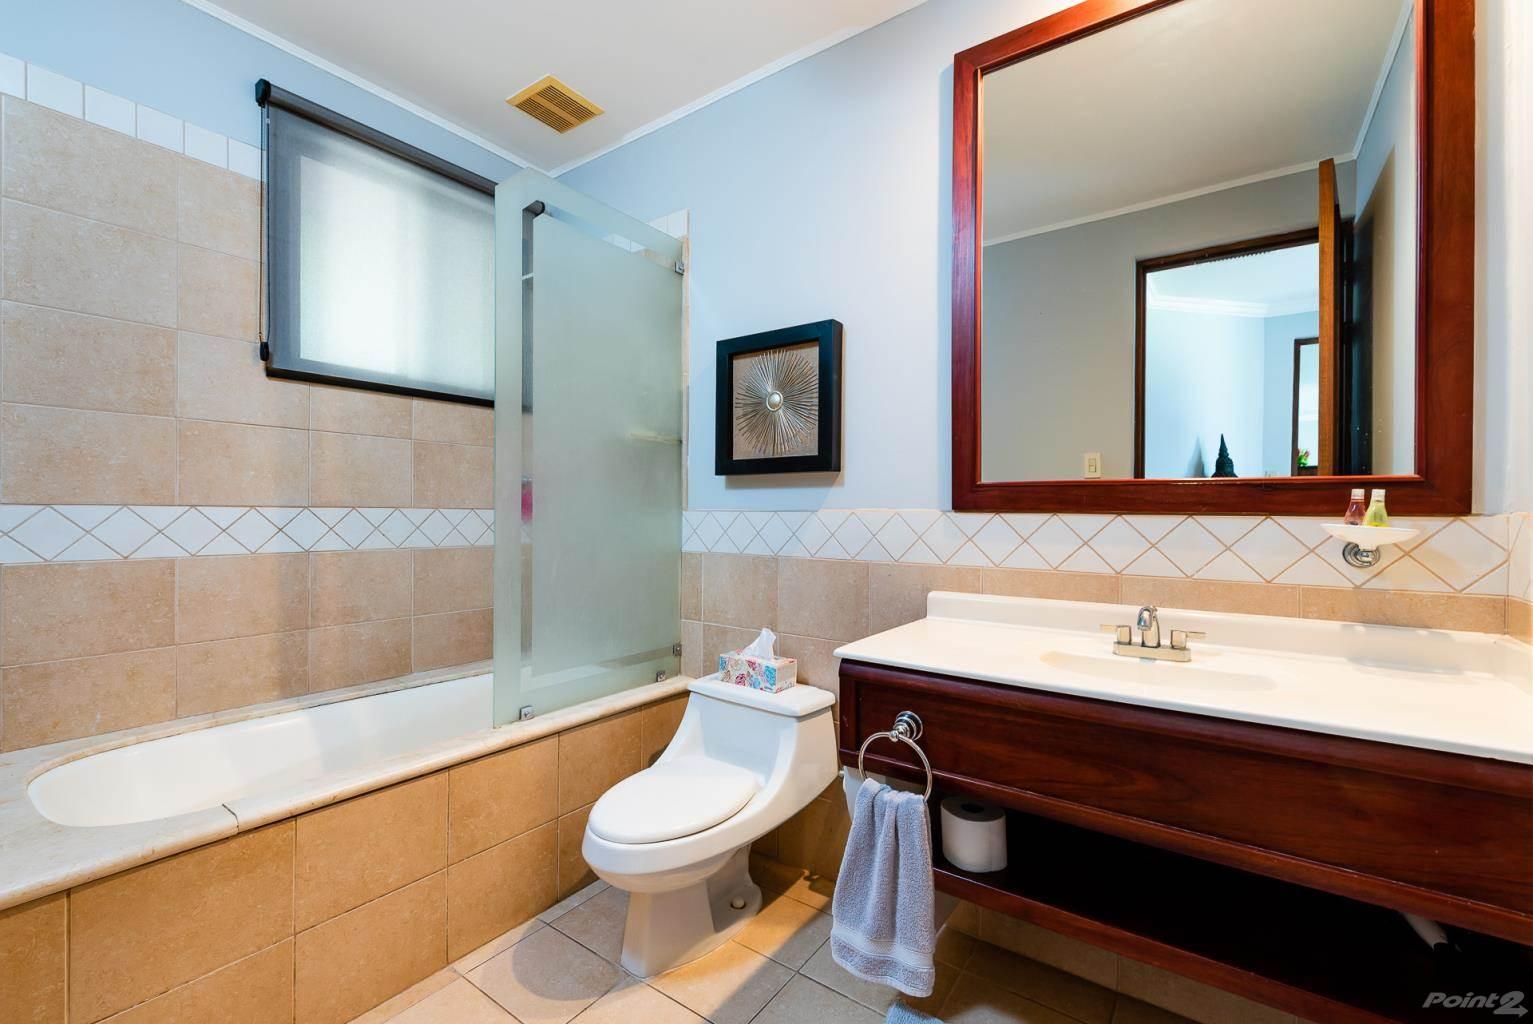 bougainvillea_8103_master_bathroom